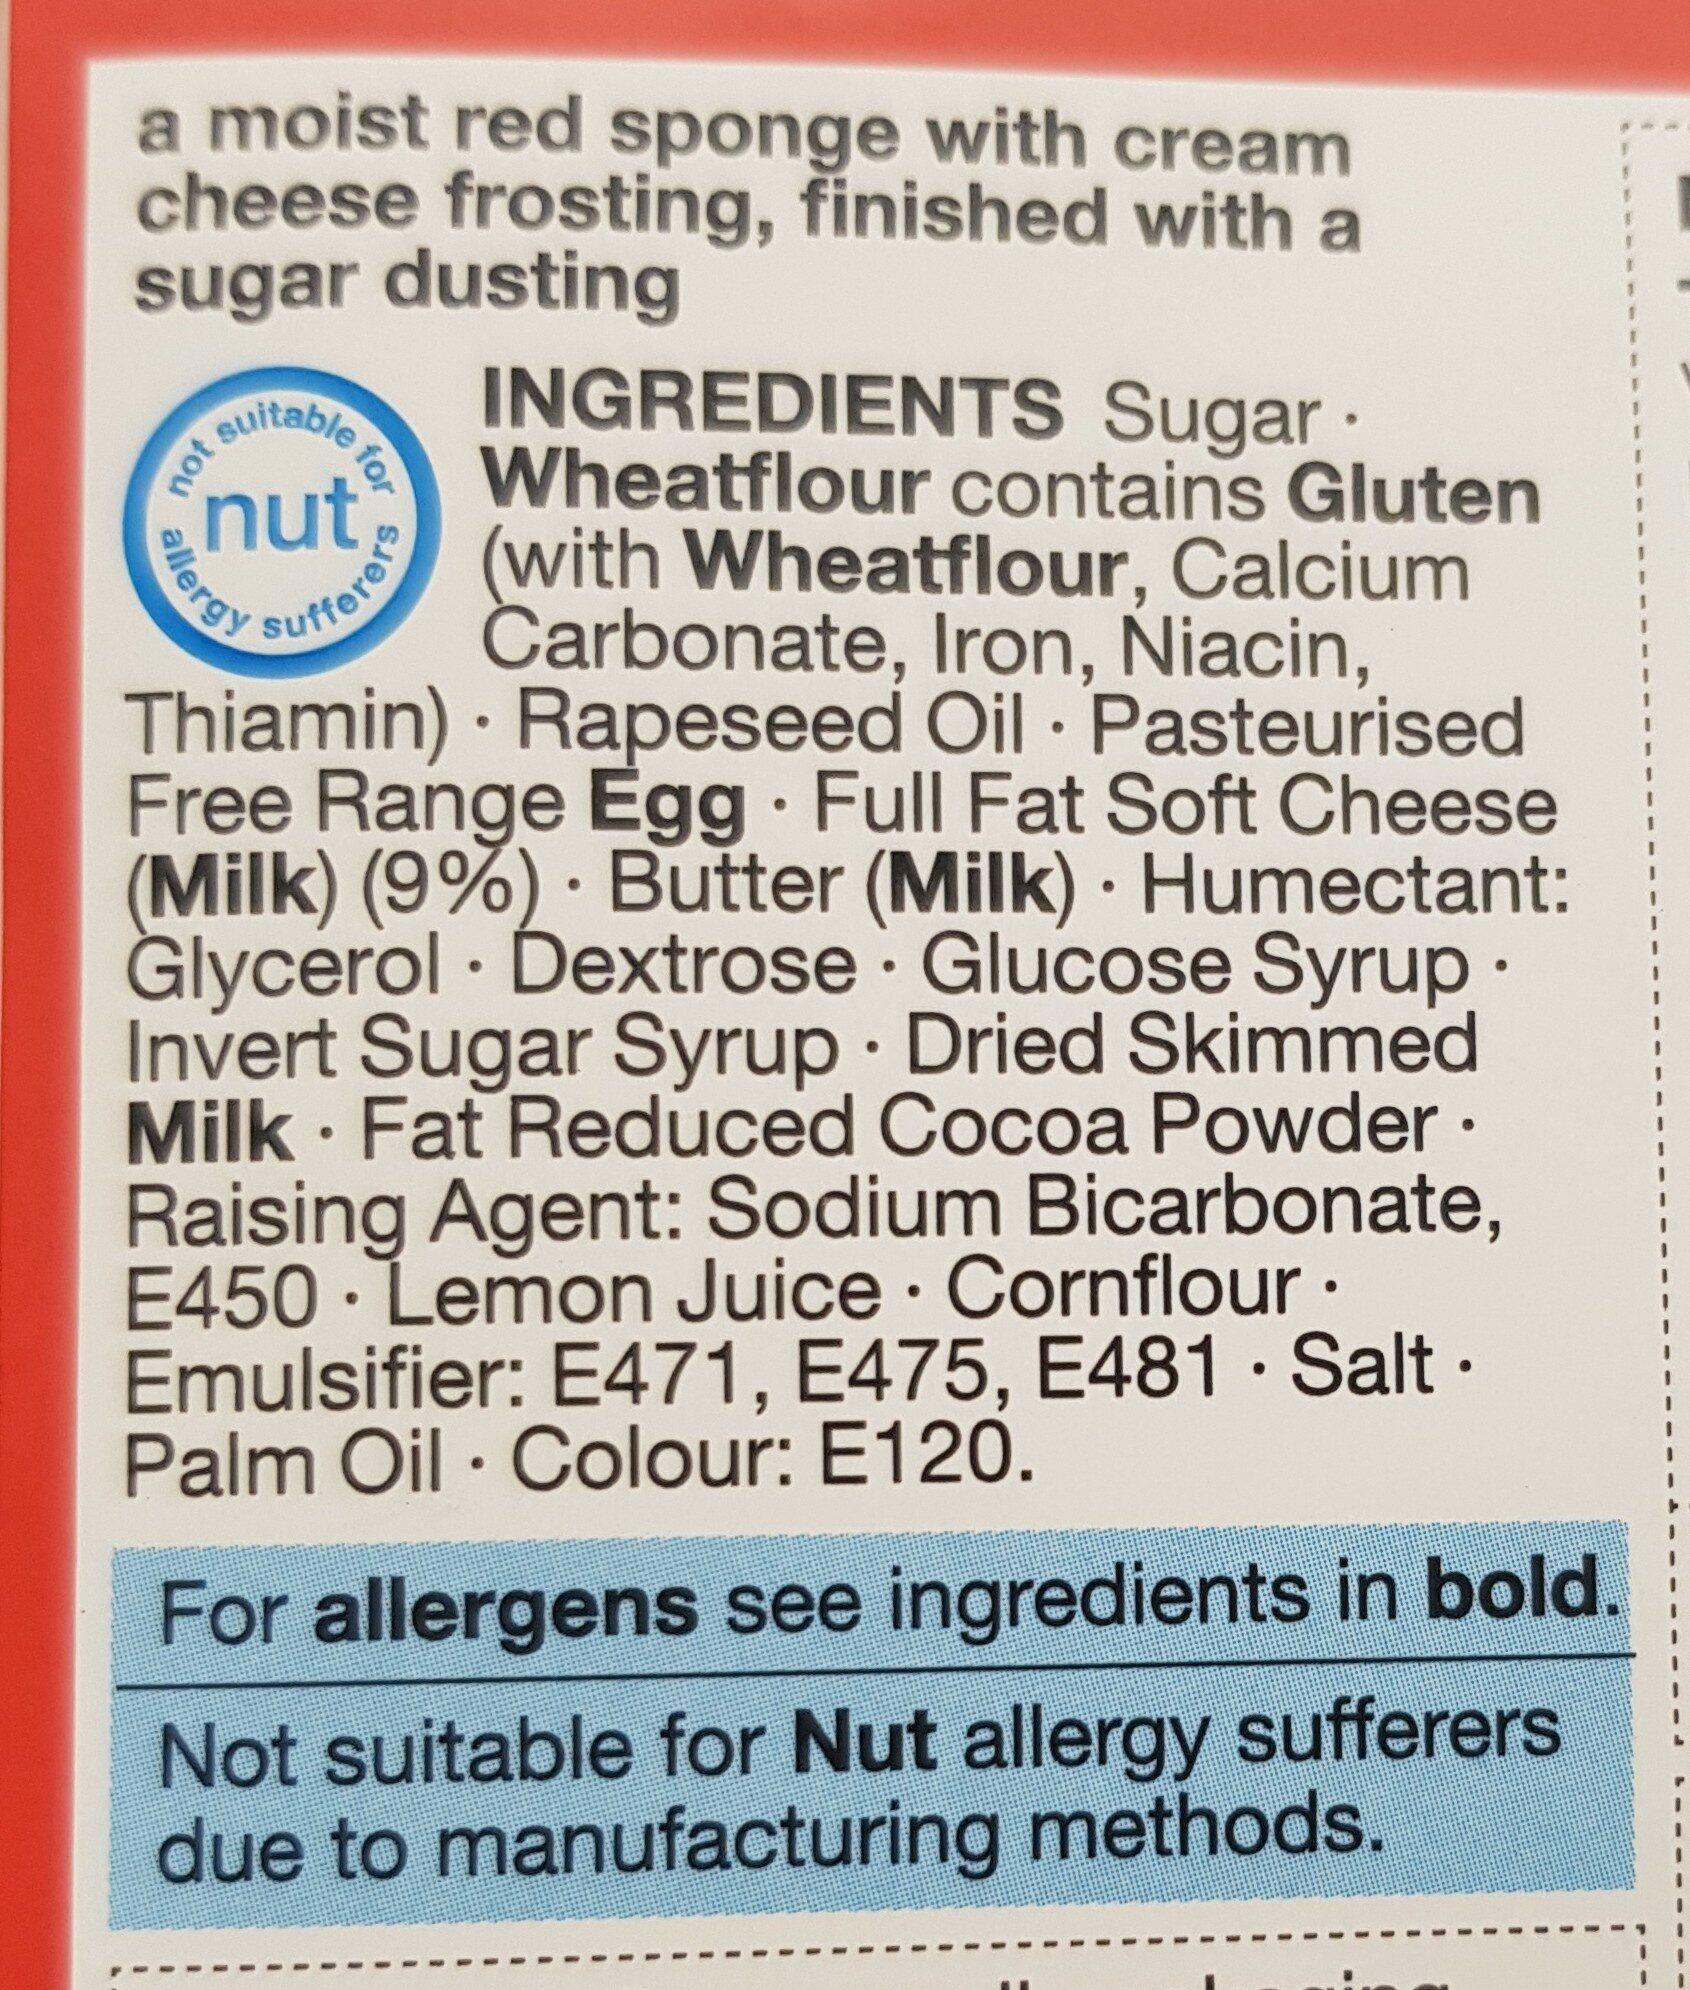 Red velvet cake - Ingredients